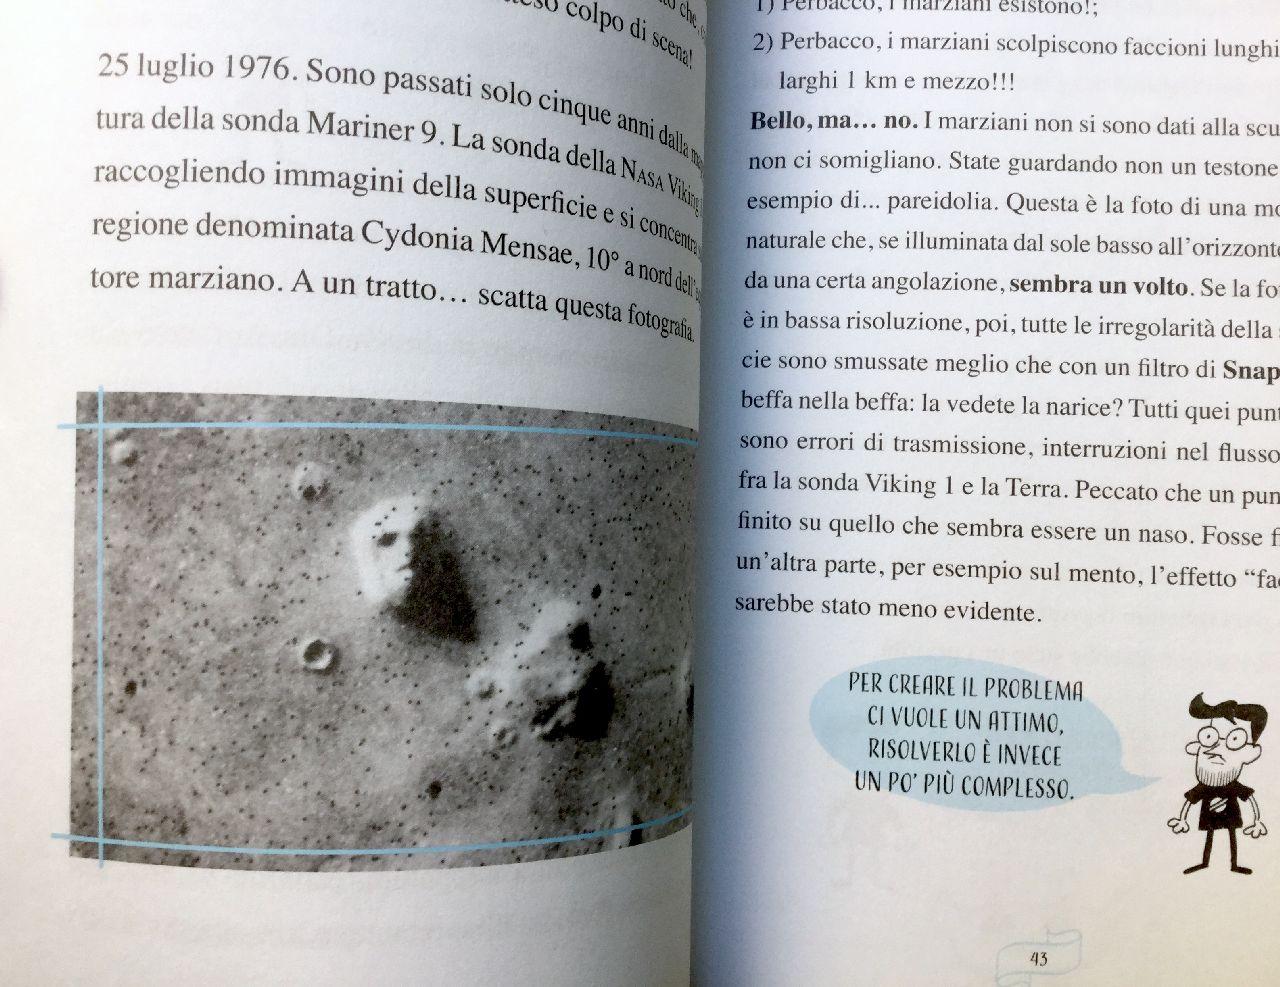 Luca Perri - Tuono Pettinato, Errori galattici, De Agostini